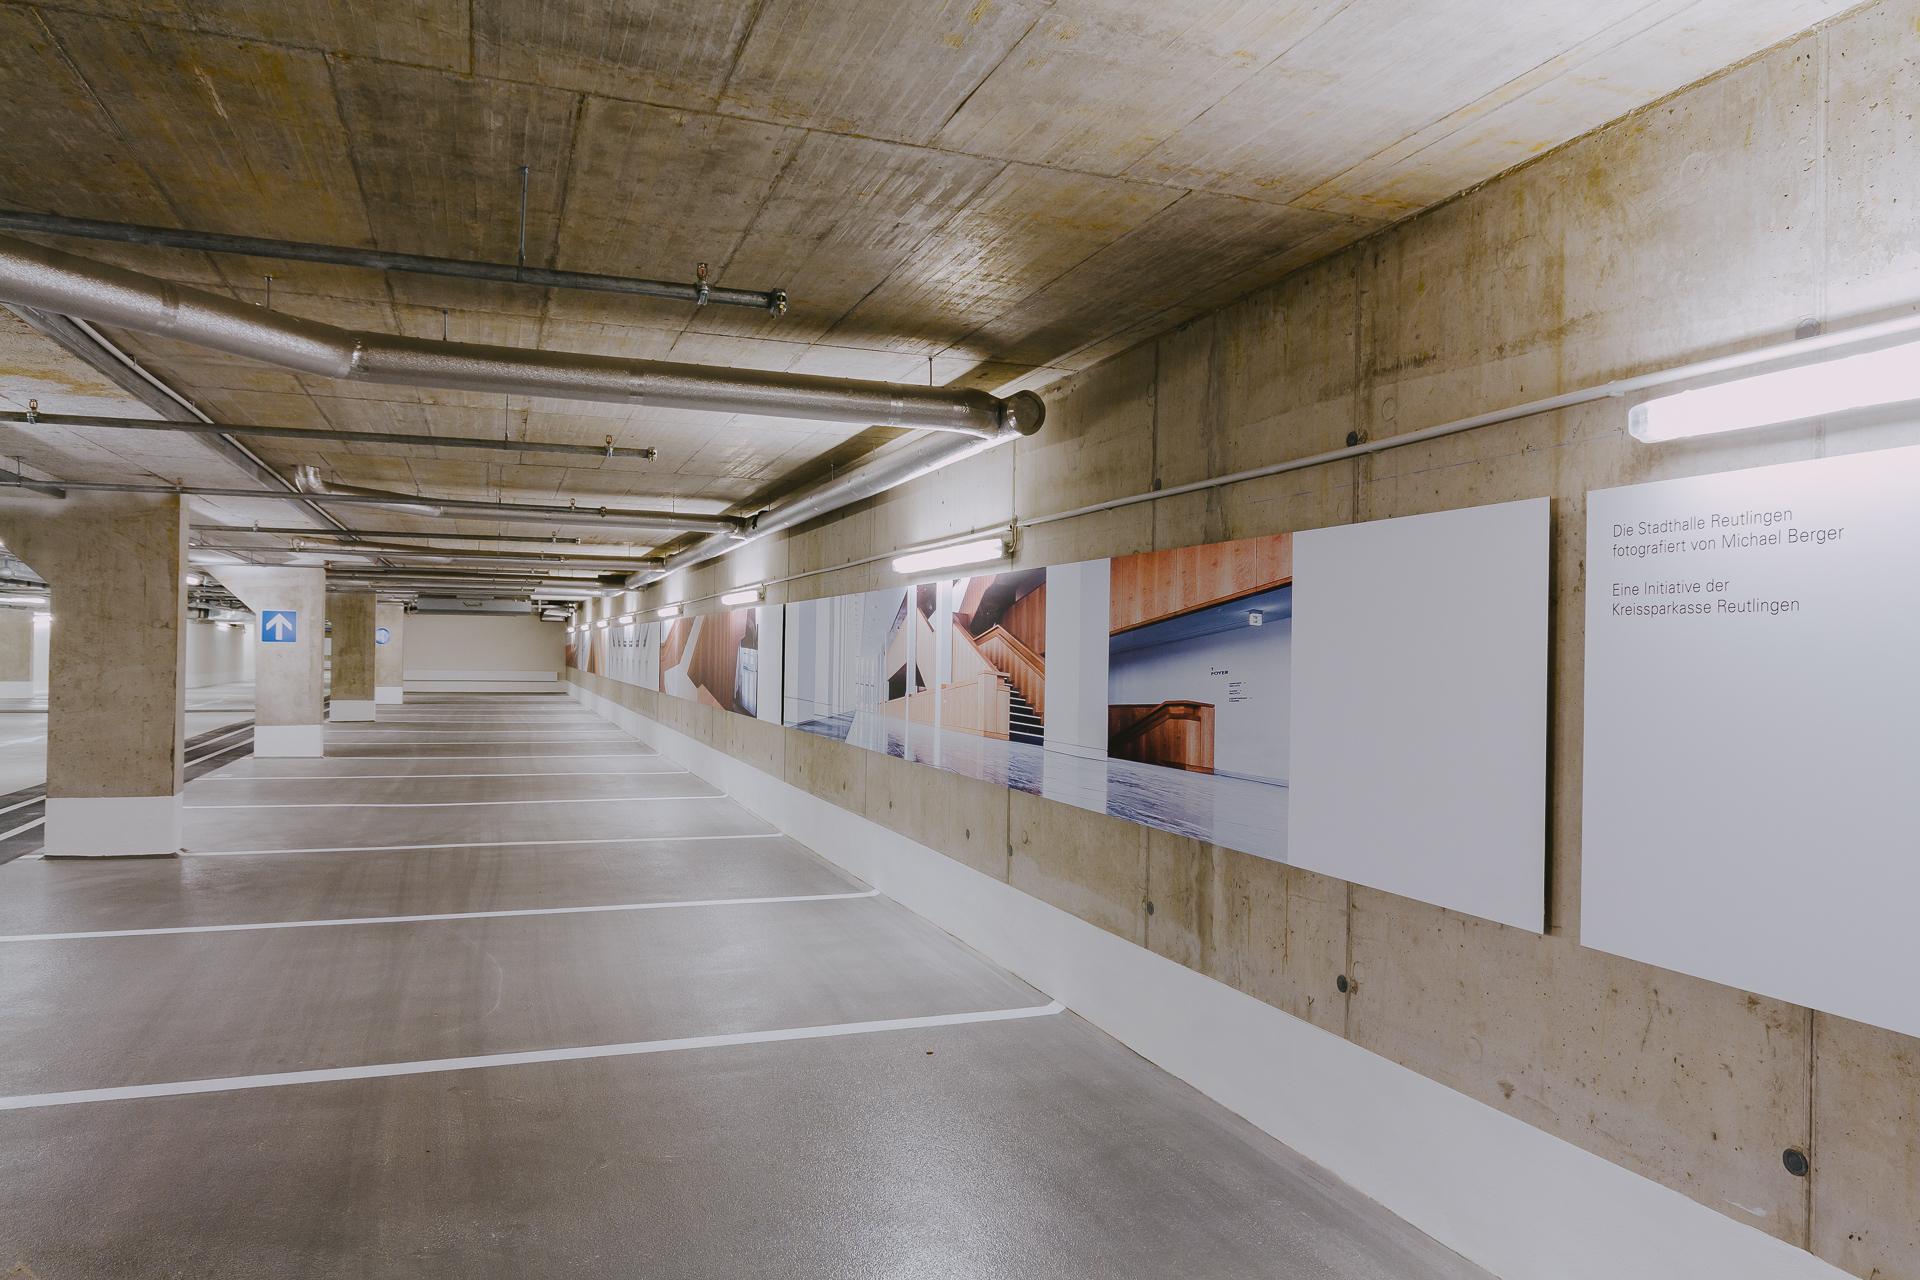 20121228_Stadthalle_Reutlingen_Tiefgarage_Motive_000000076